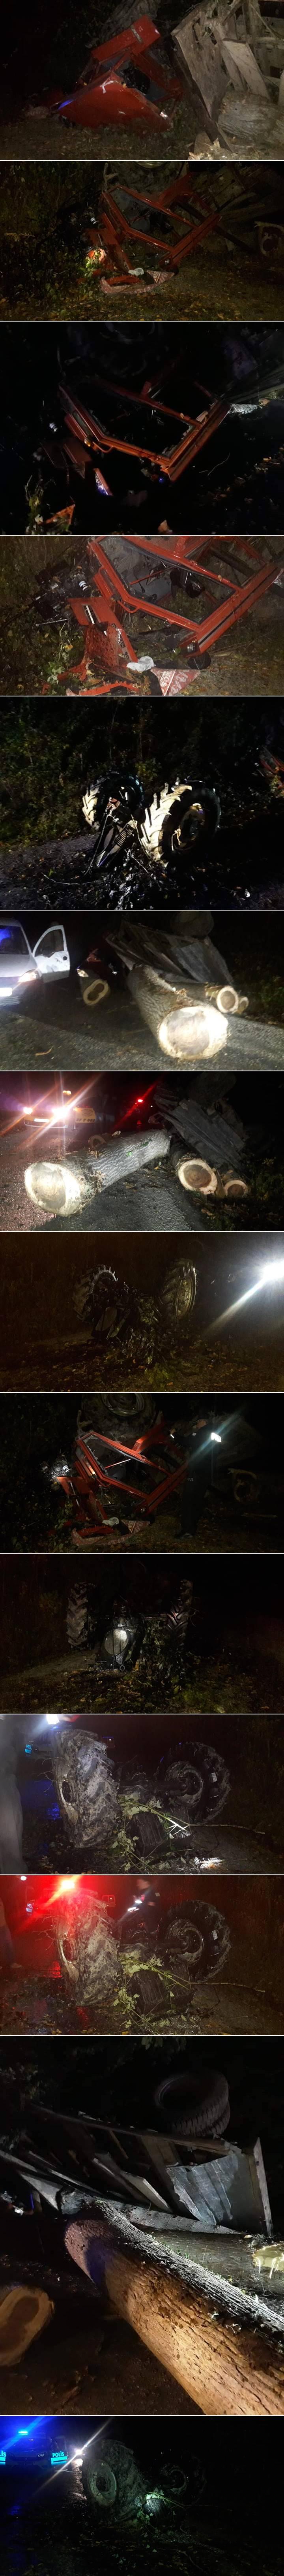 Erfelek ilçesinde ağaç yüklü traktörün devrilmesi sonucu 4 kişi yaralandı.